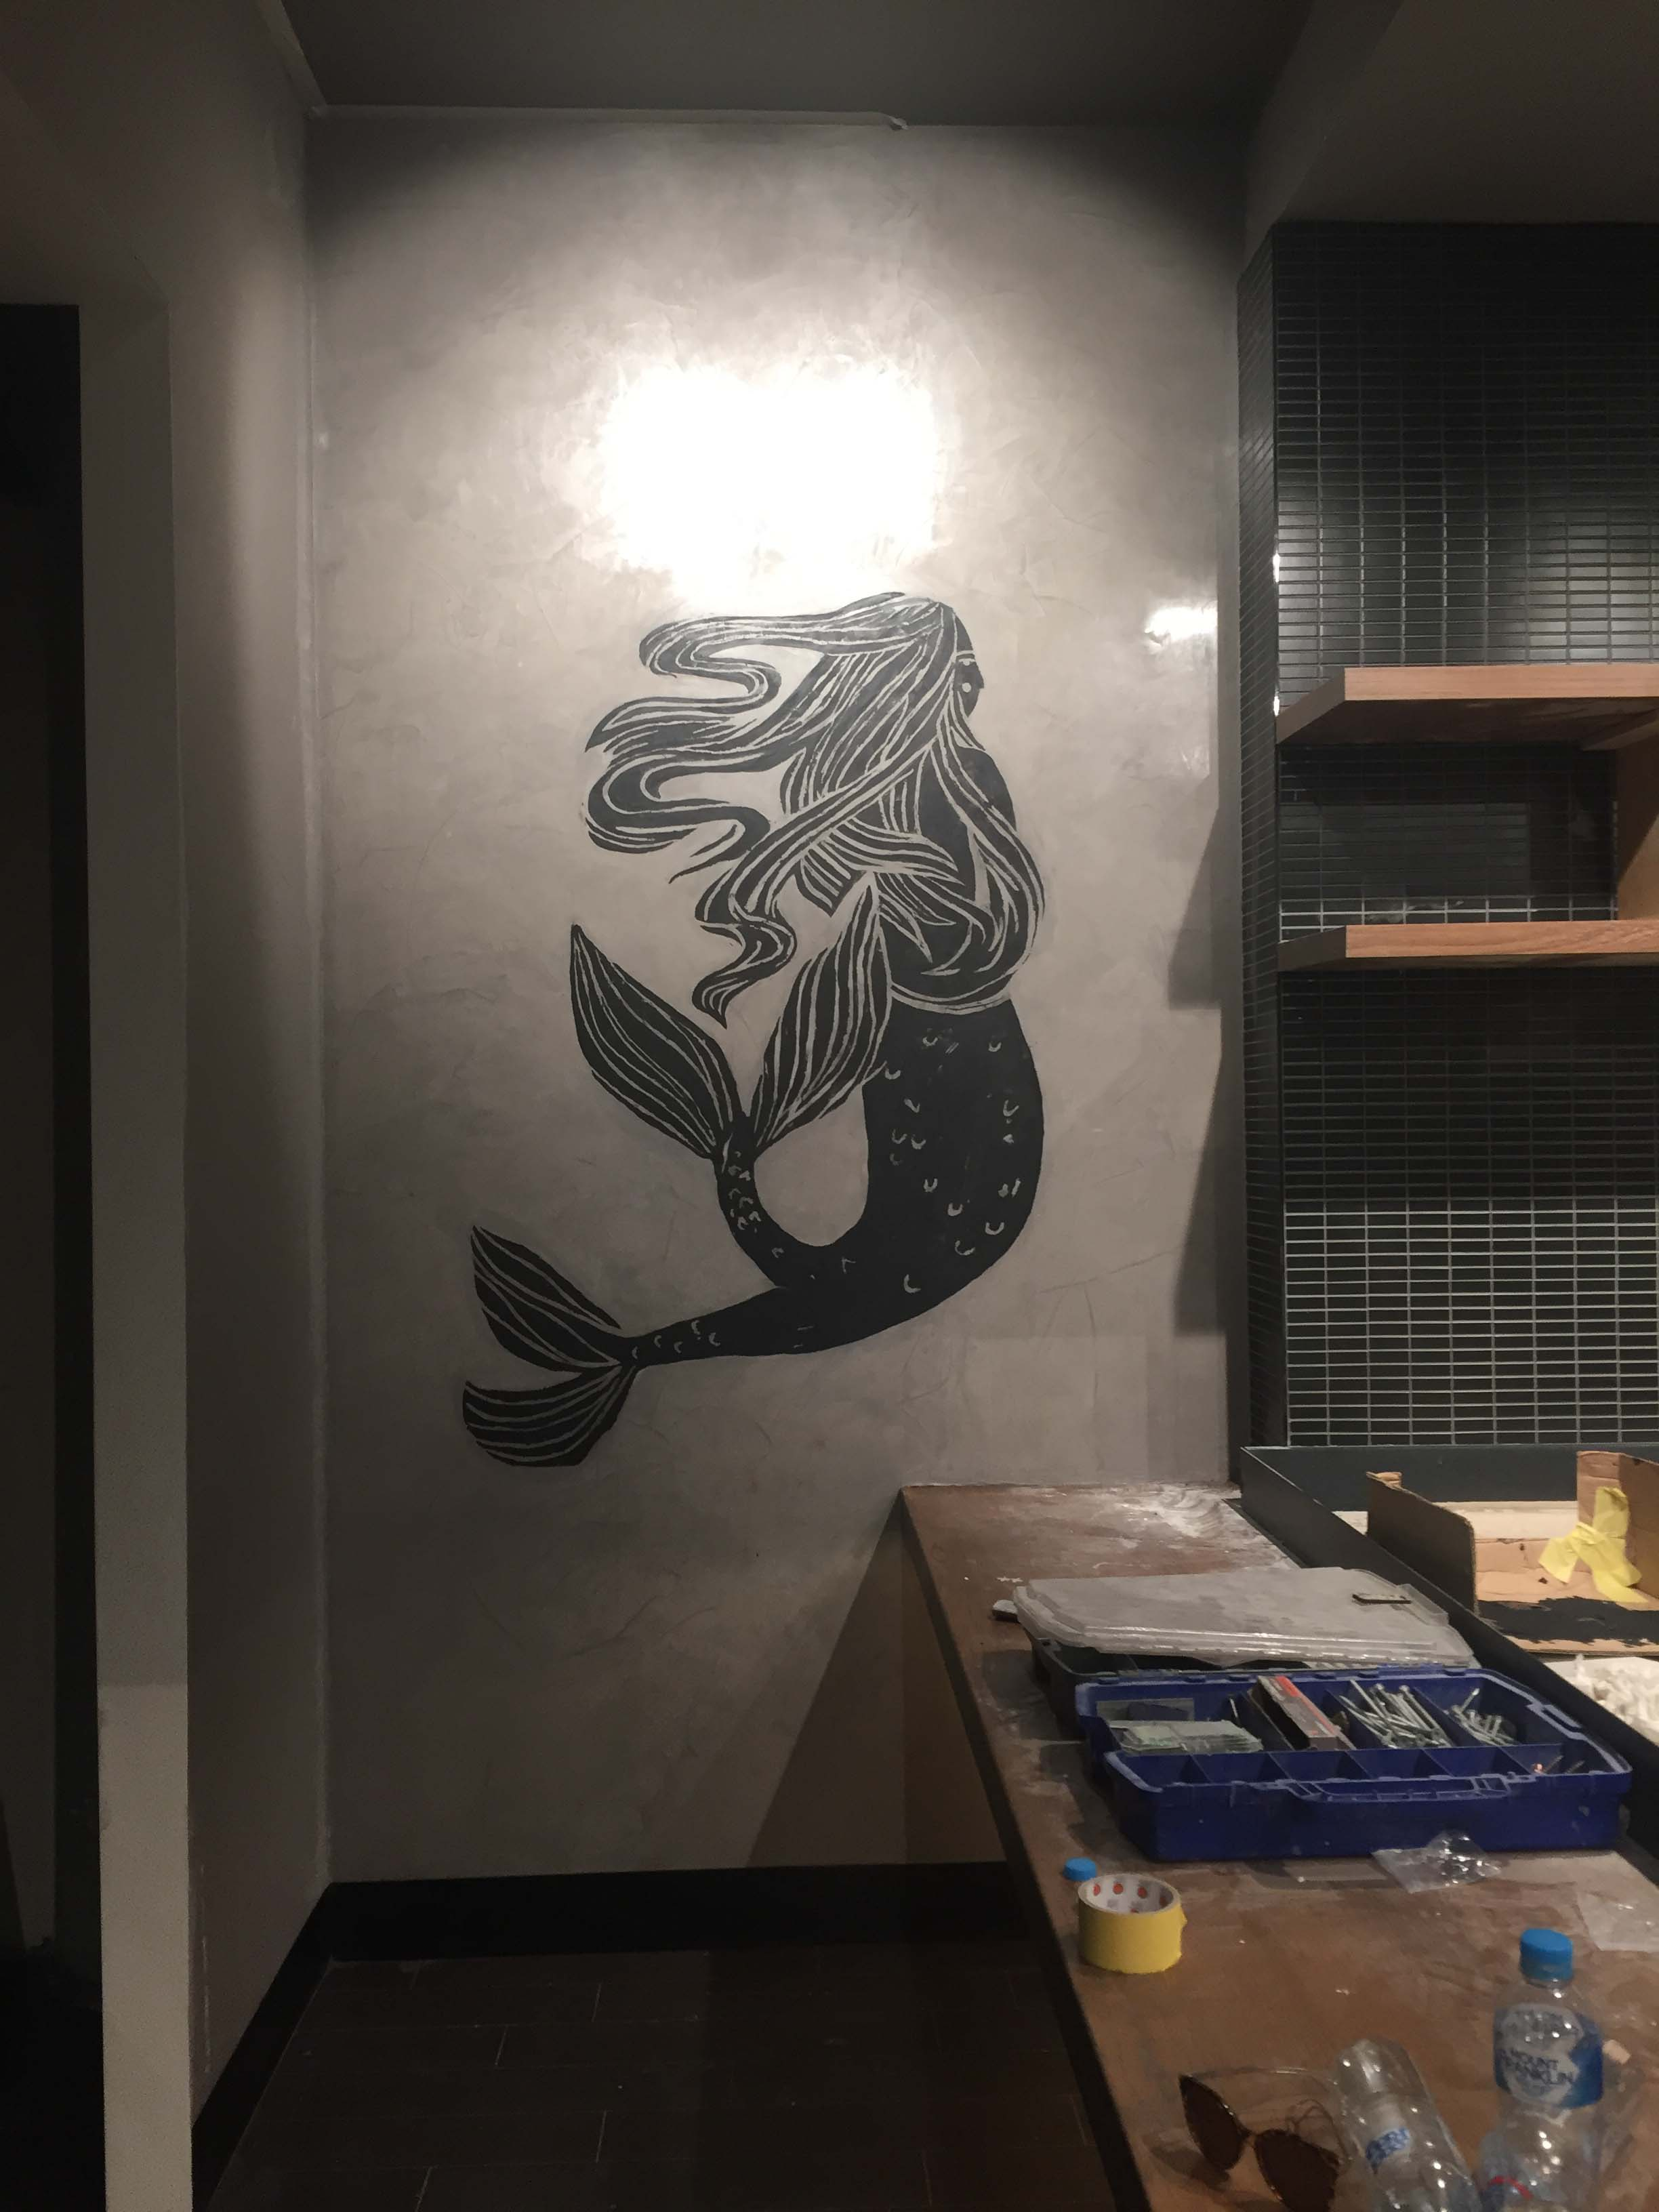 the-art-of-wall-starbucks-highpoint-mural-siren-lino-cut-1